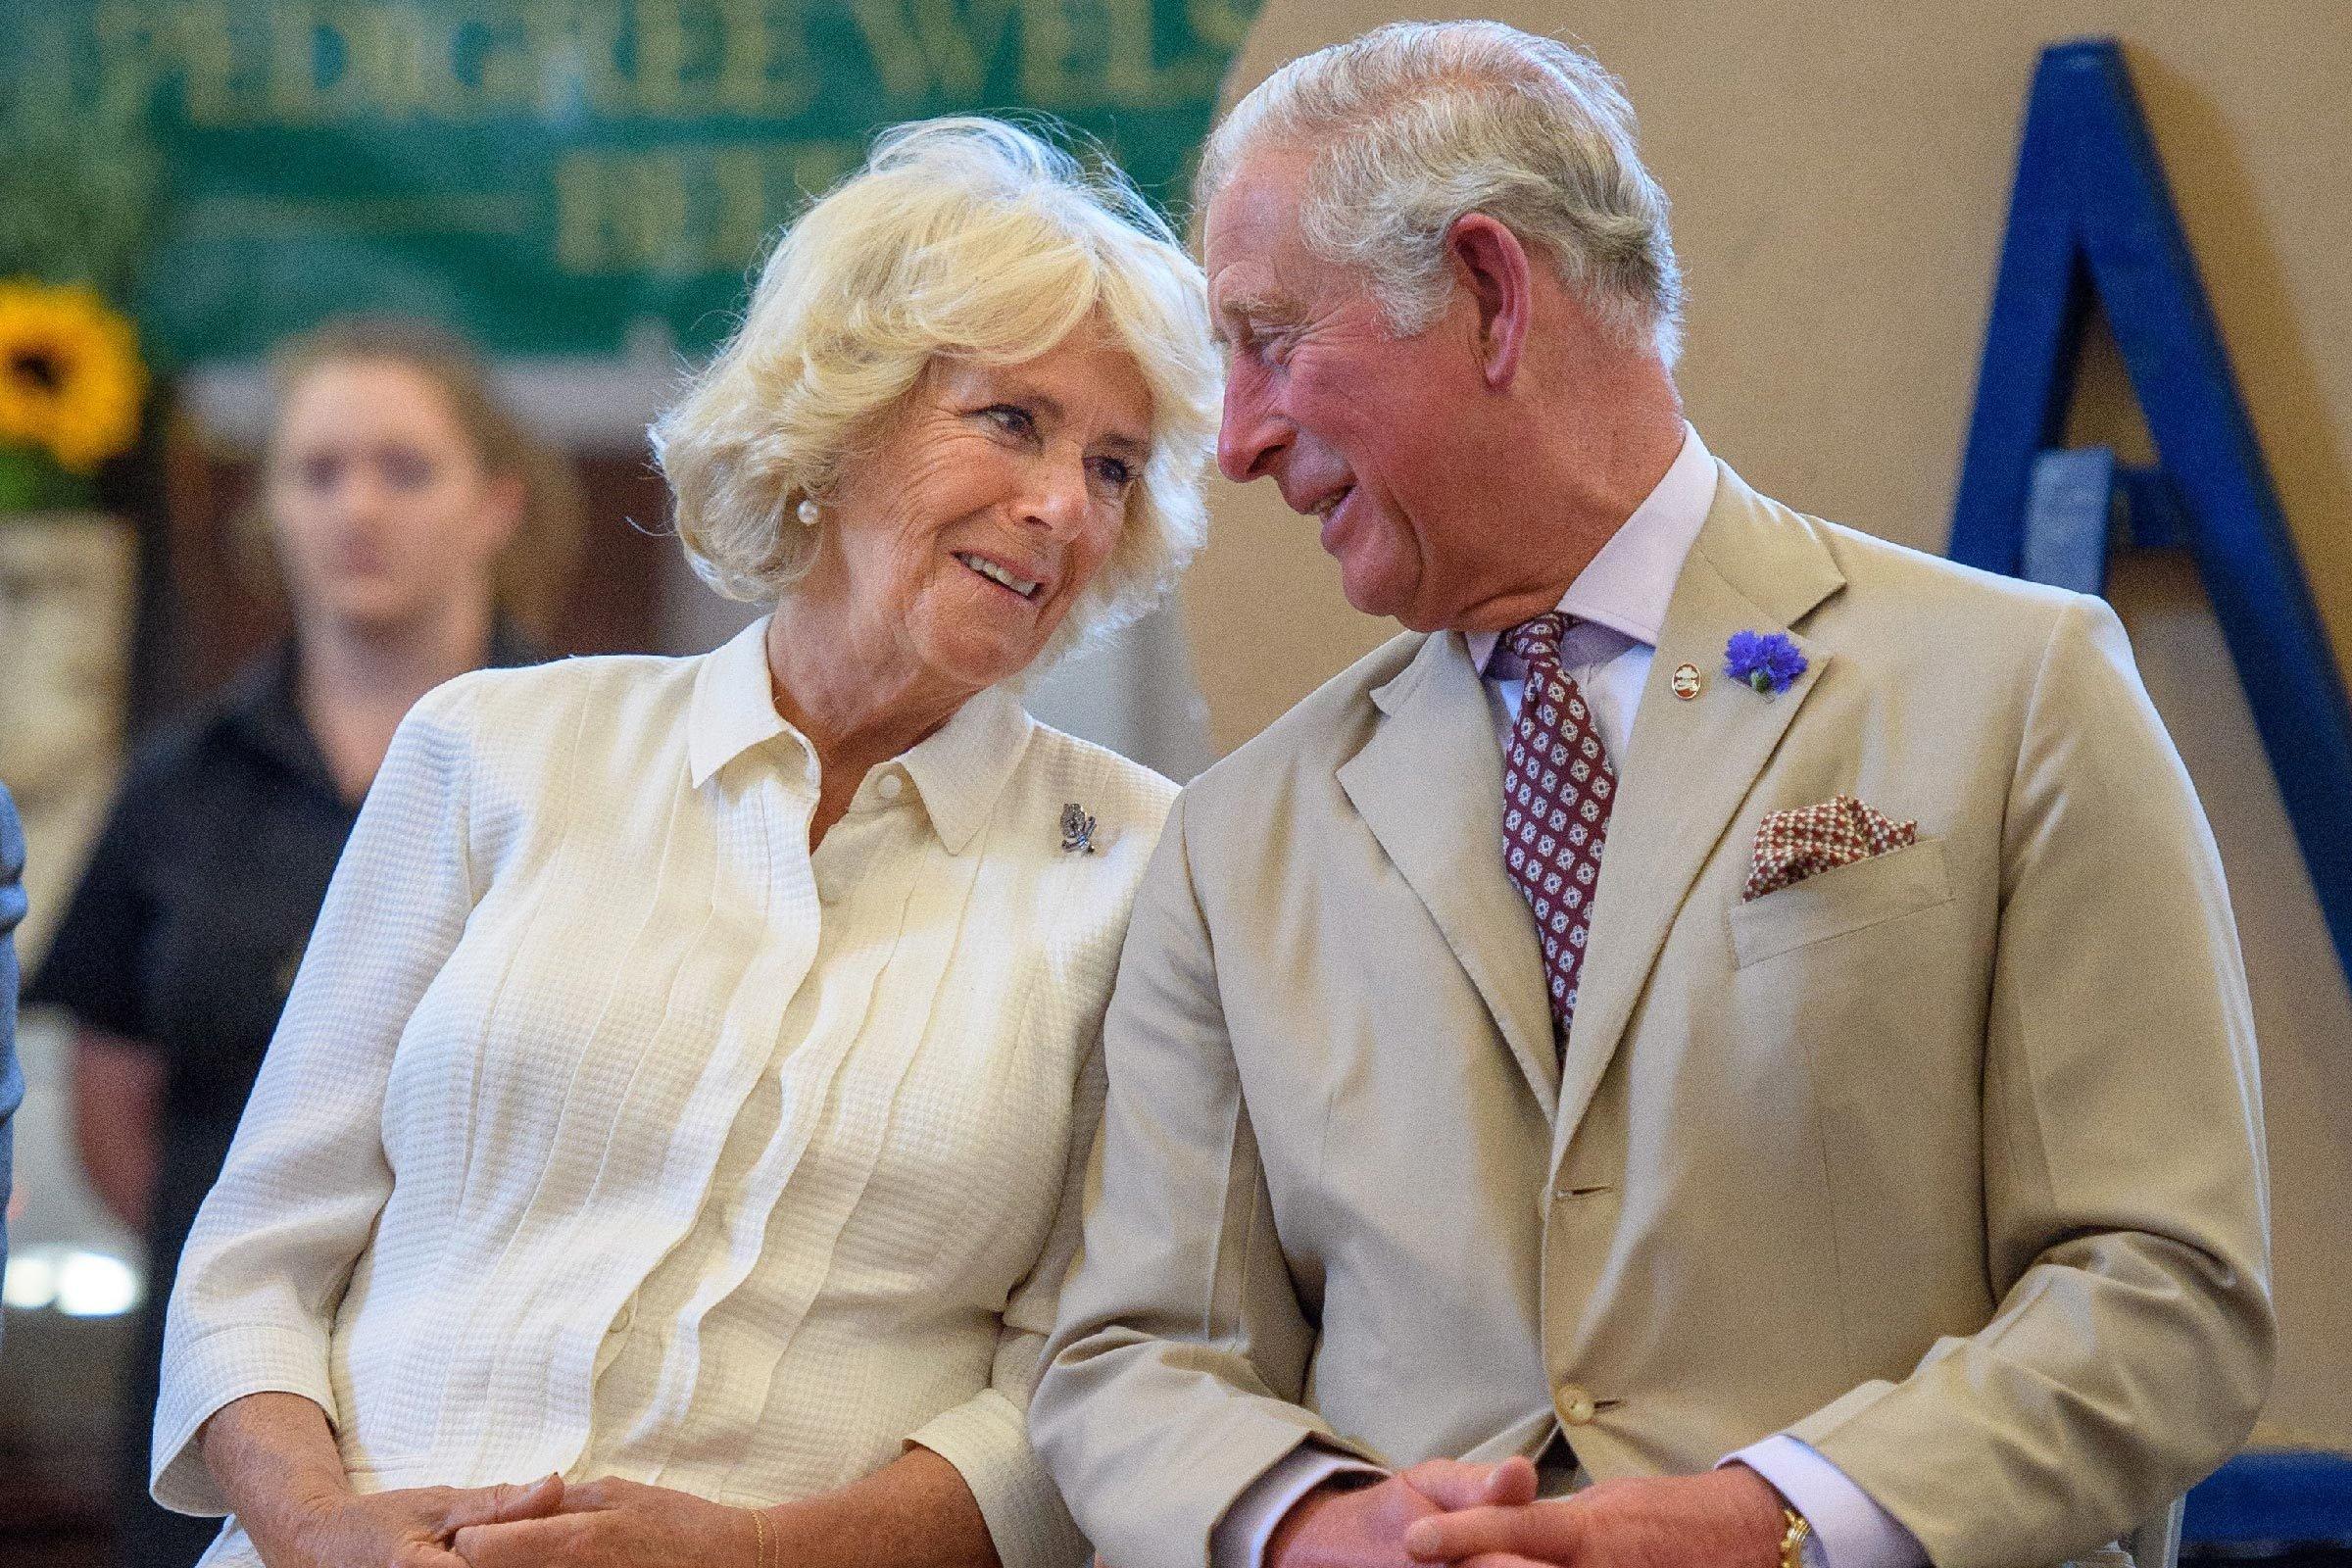 Charles Und Camilla Scheidung News